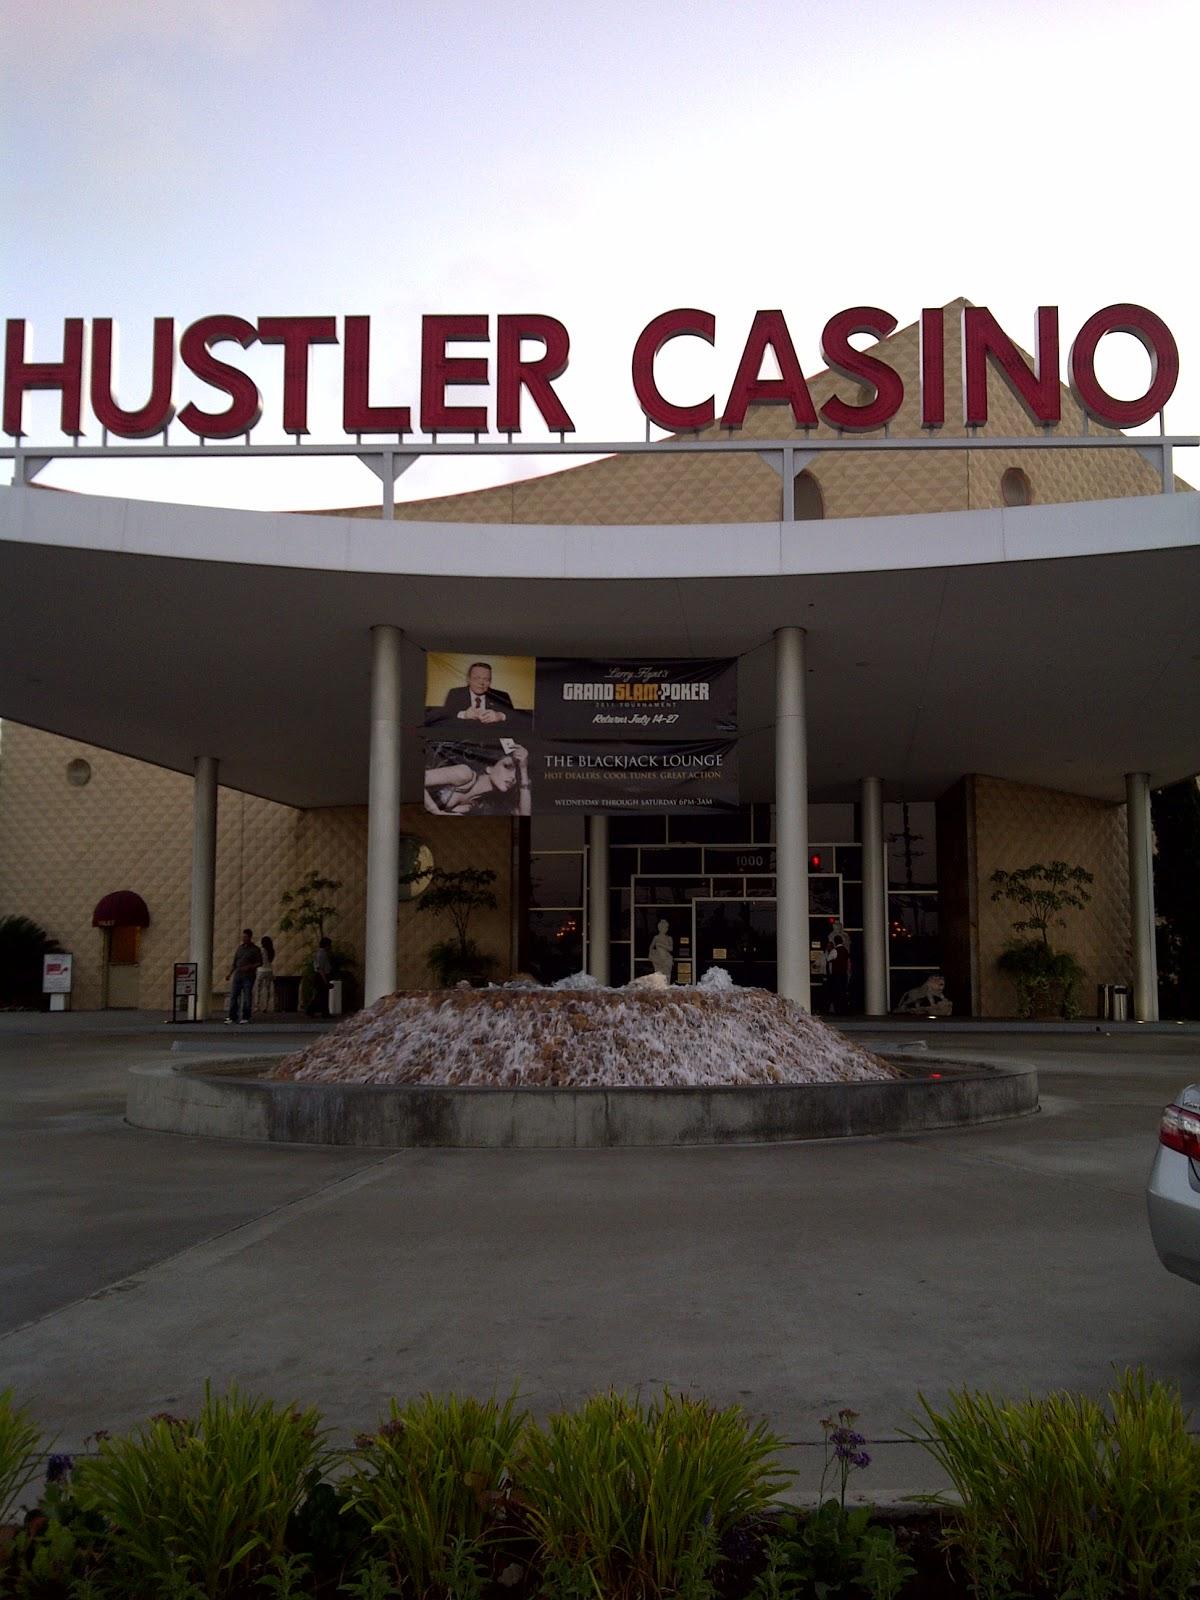 Casino trip report casino guest inurl online org site